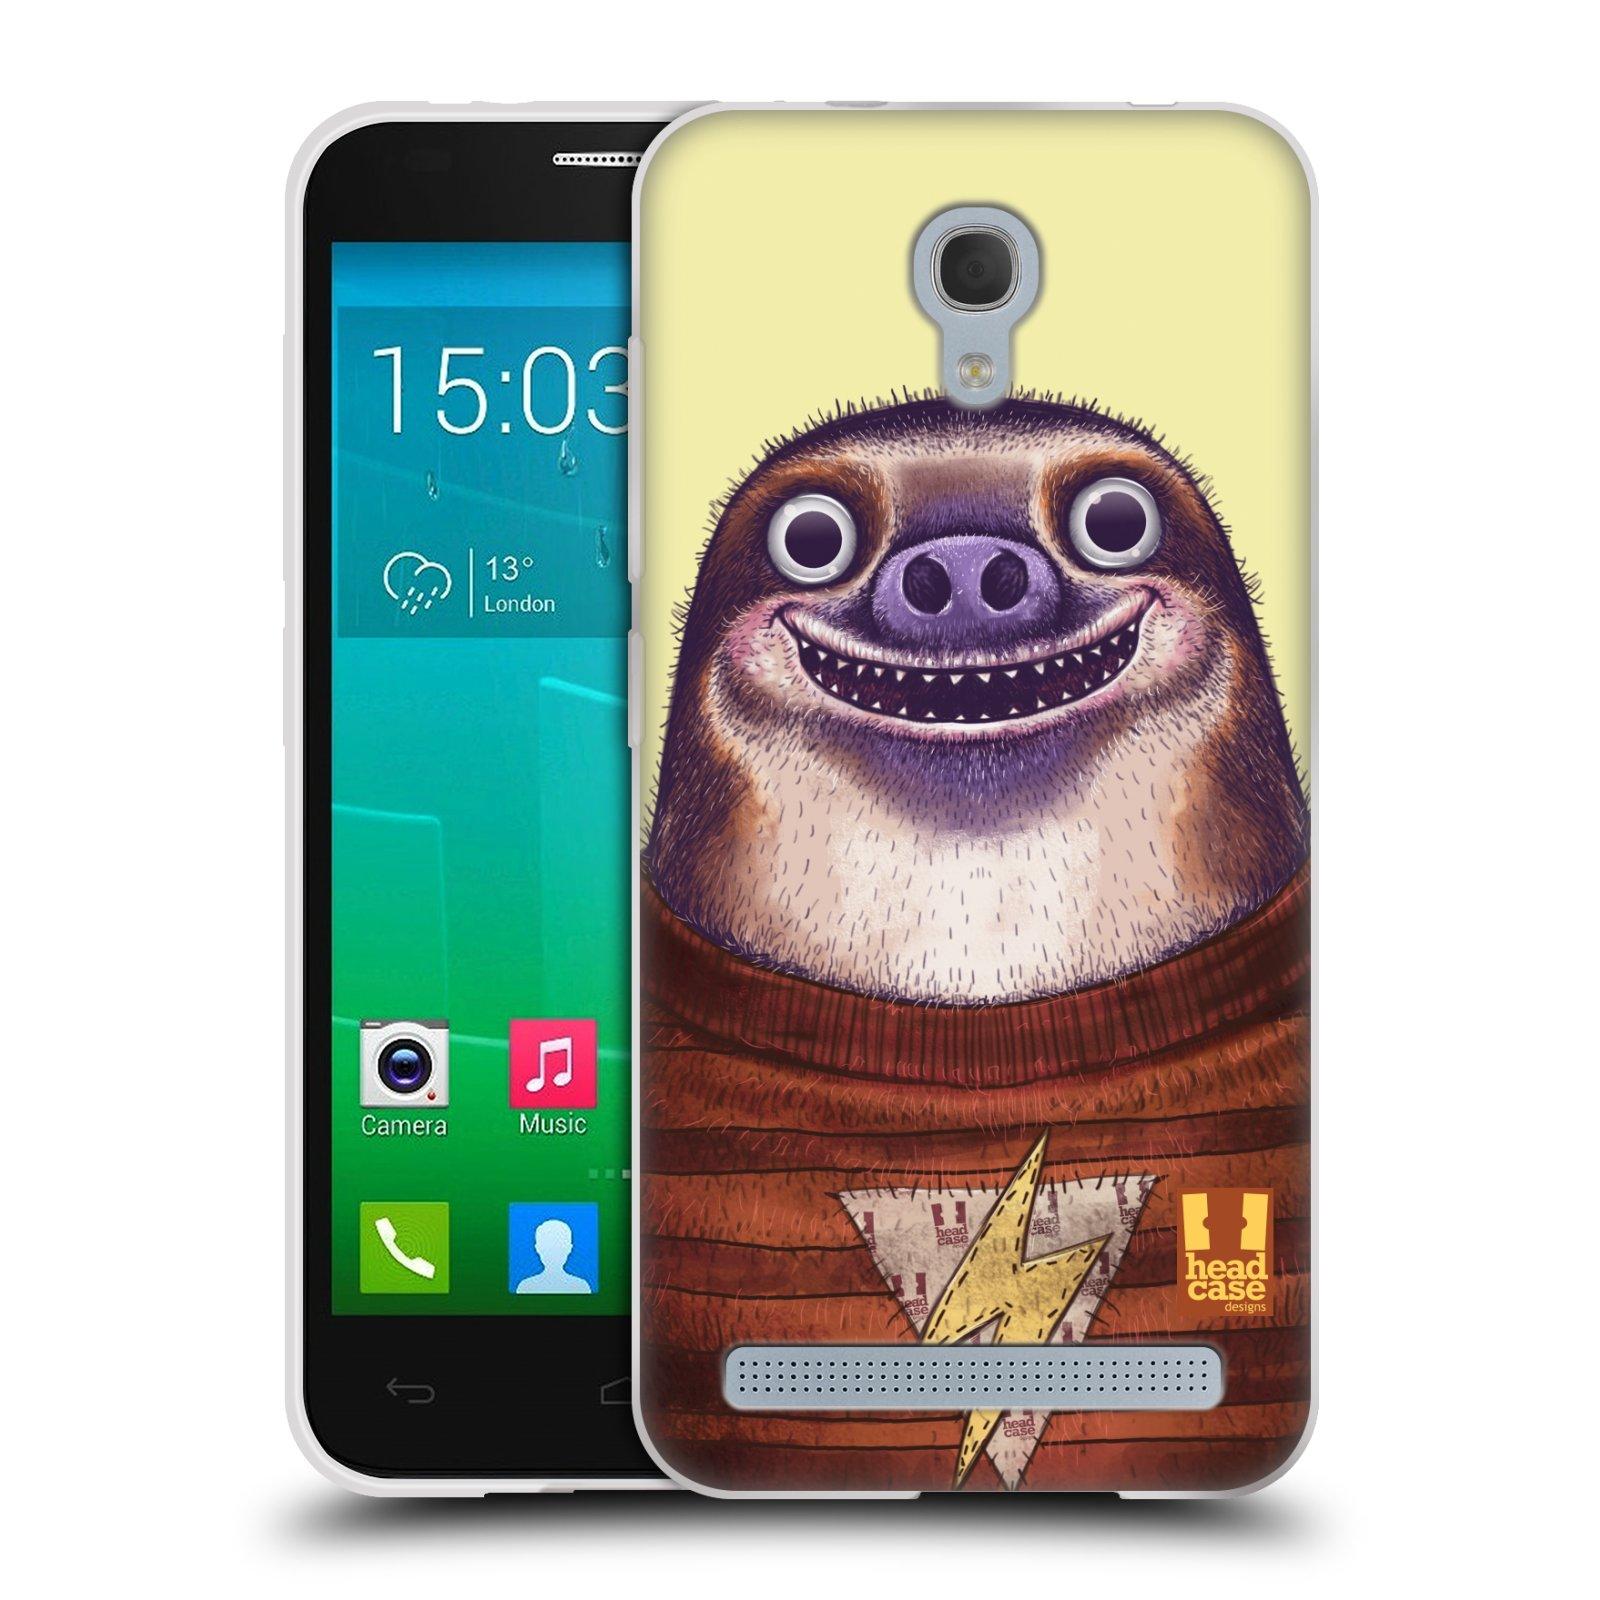 HEAD CASE silikonový obal na mobil Alcatel Idol 2 MINI S 6036Y vzor Kreslená zvířátka lenochod